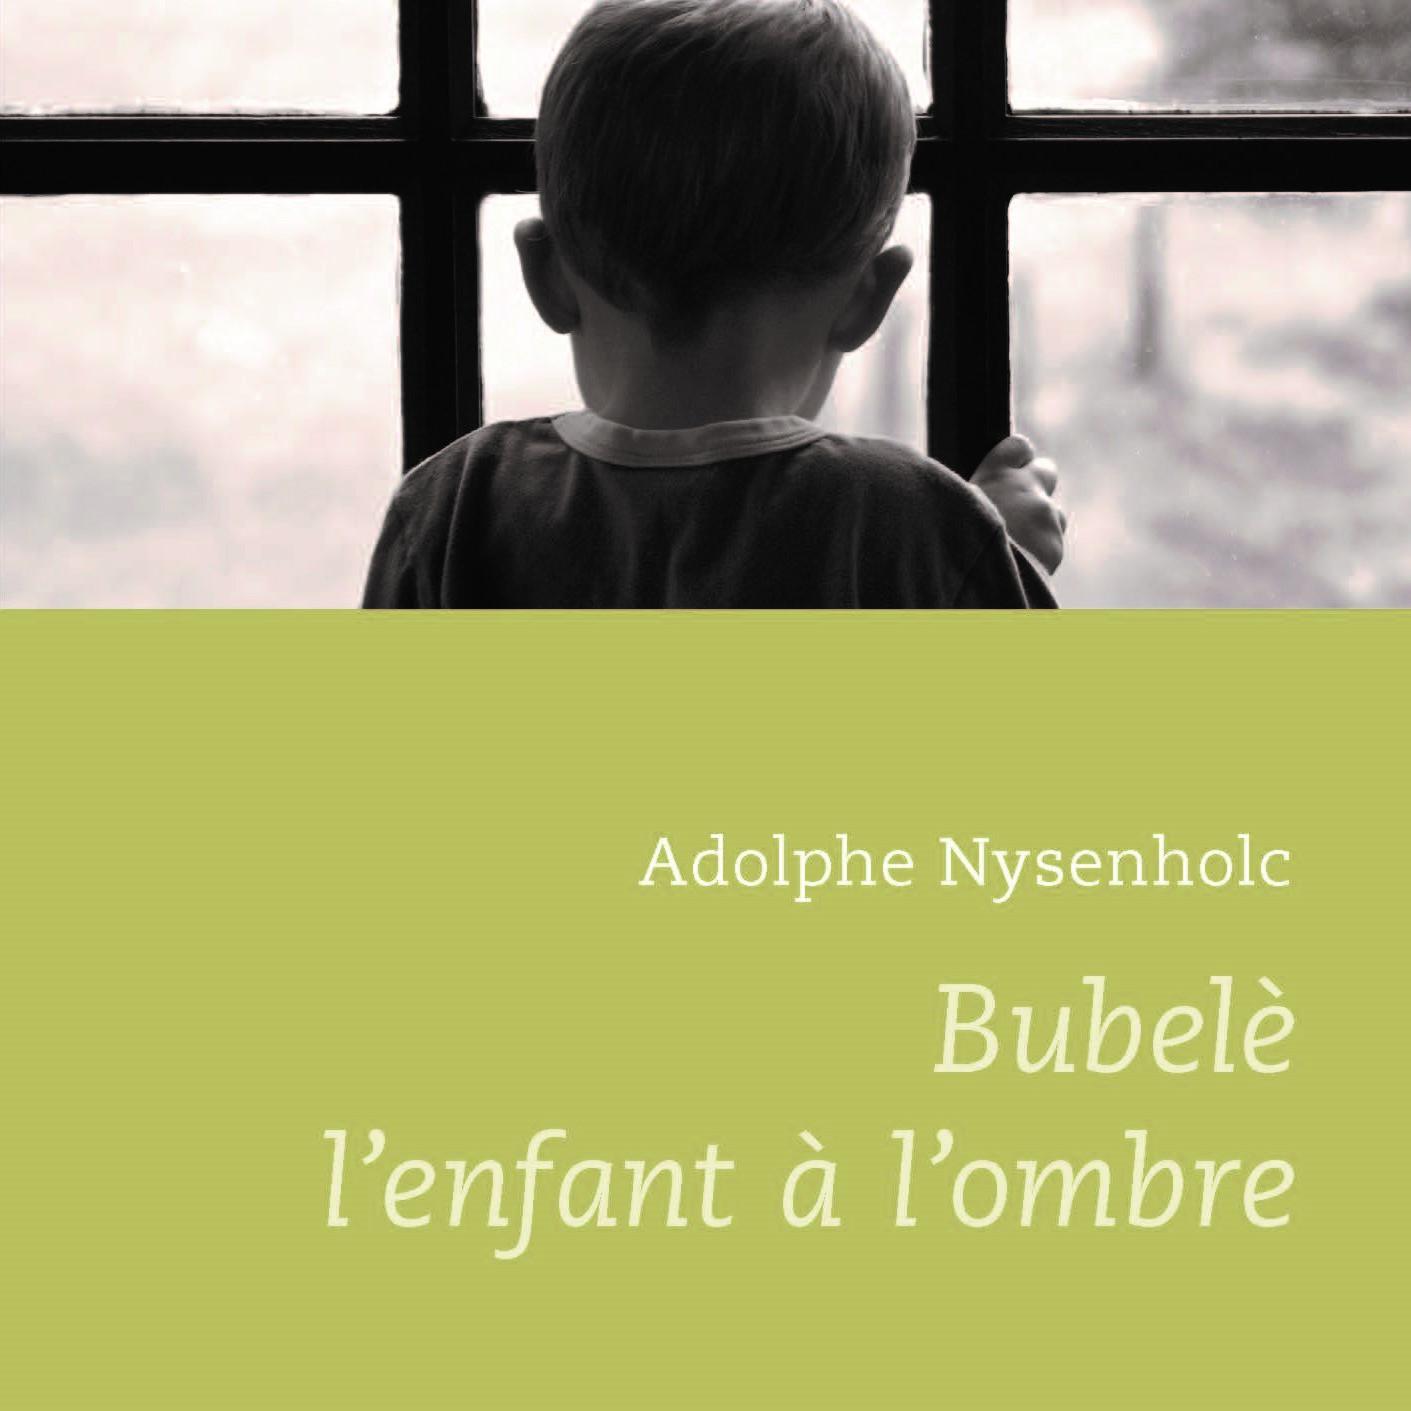 Bubelè, l'enfant à l'ombre, avec Adolphe Nysenholc